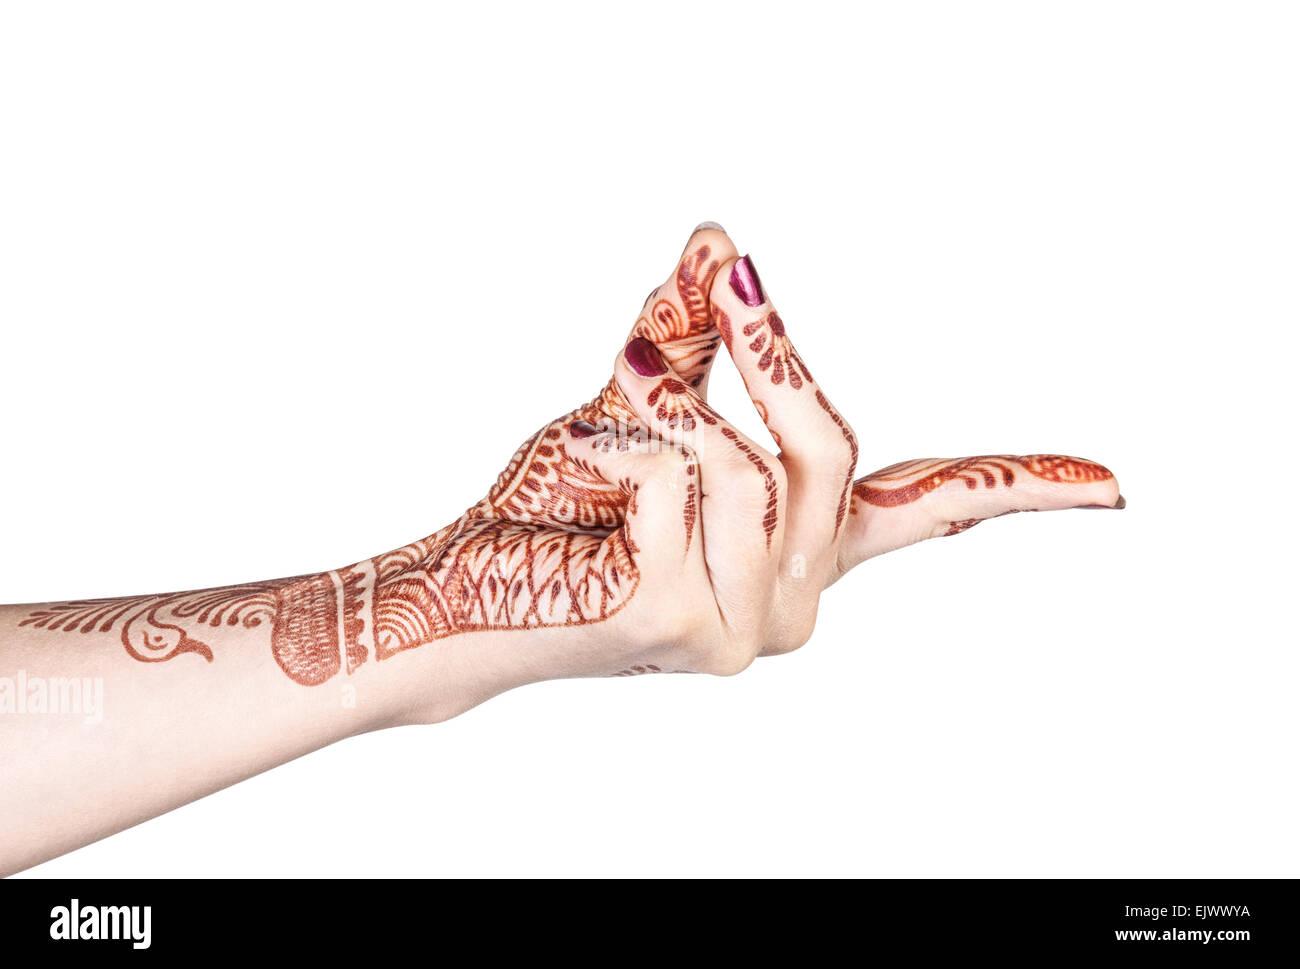 Mujer mano con henna haciendo mudra bronquial aislado sobre fondo blanco con trazado de recorte Imagen De Stock